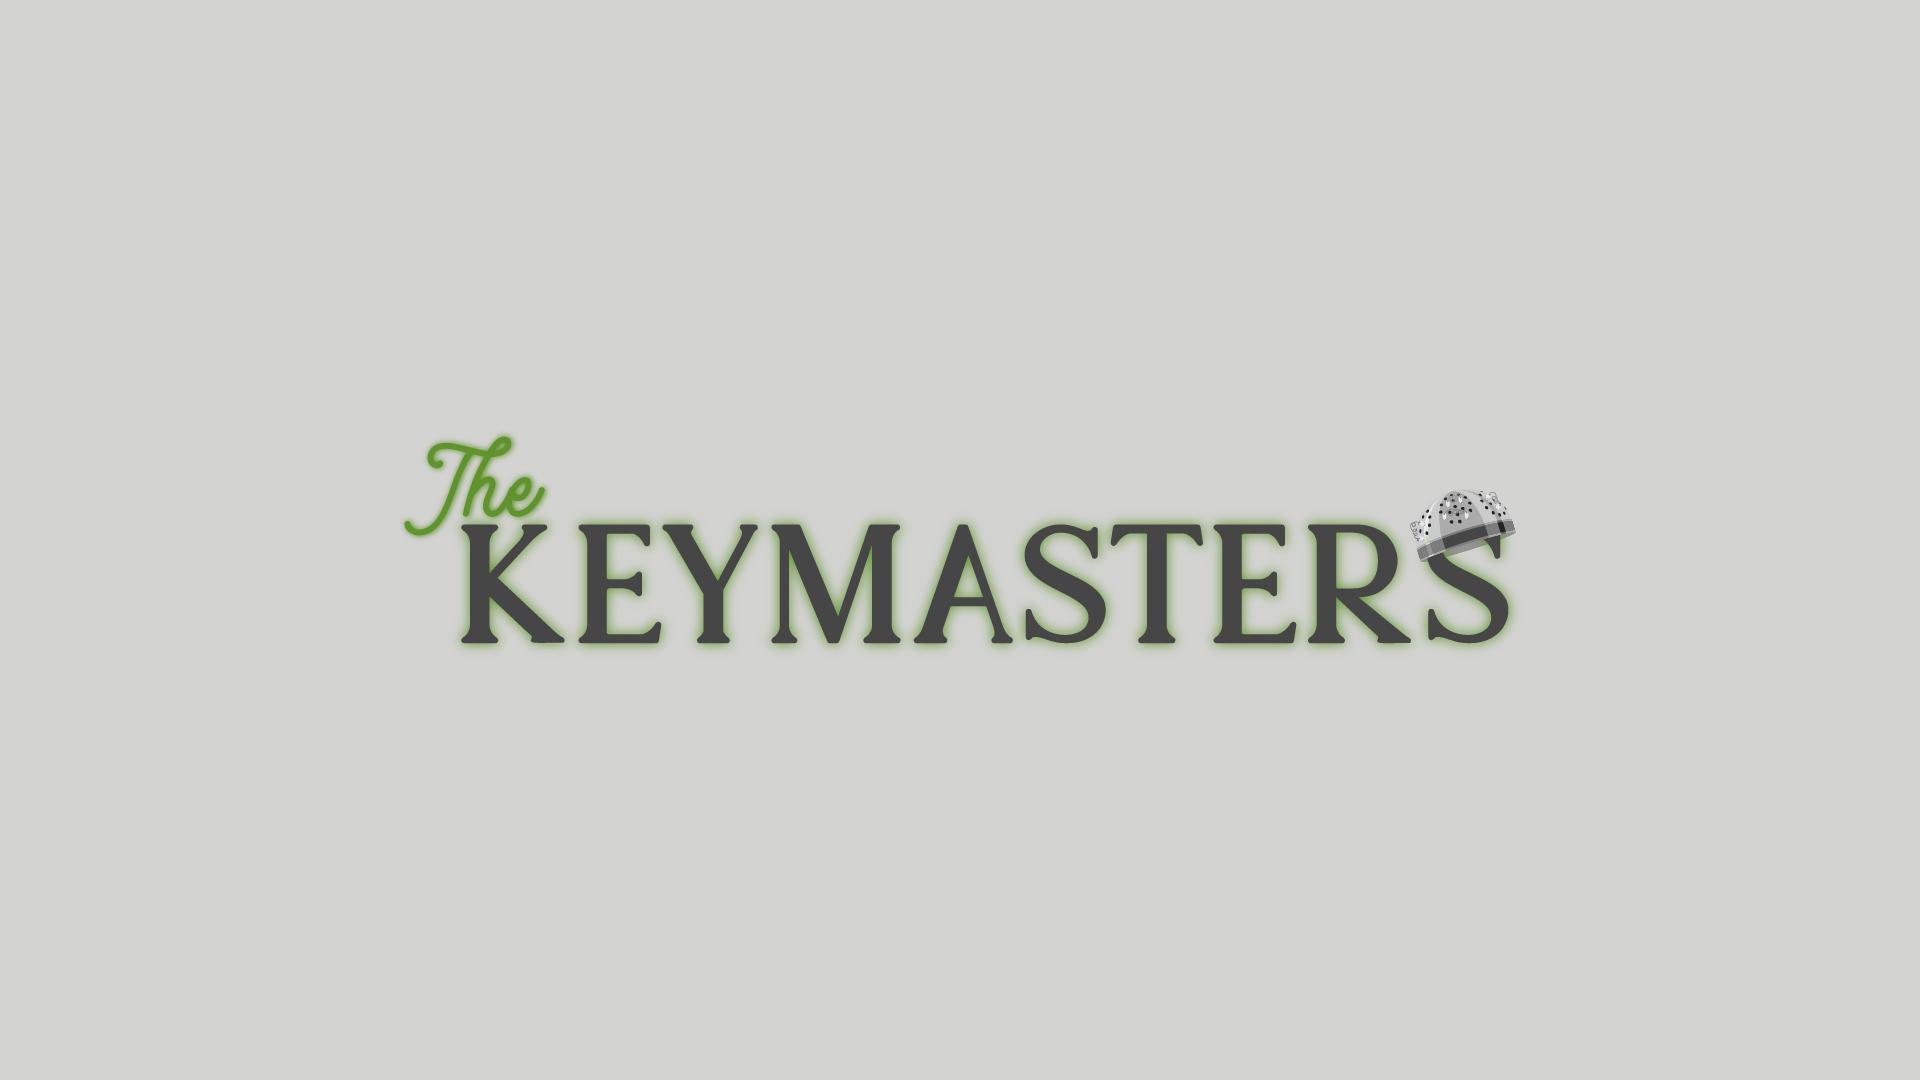 keymastersArtboard 1-100.jpg